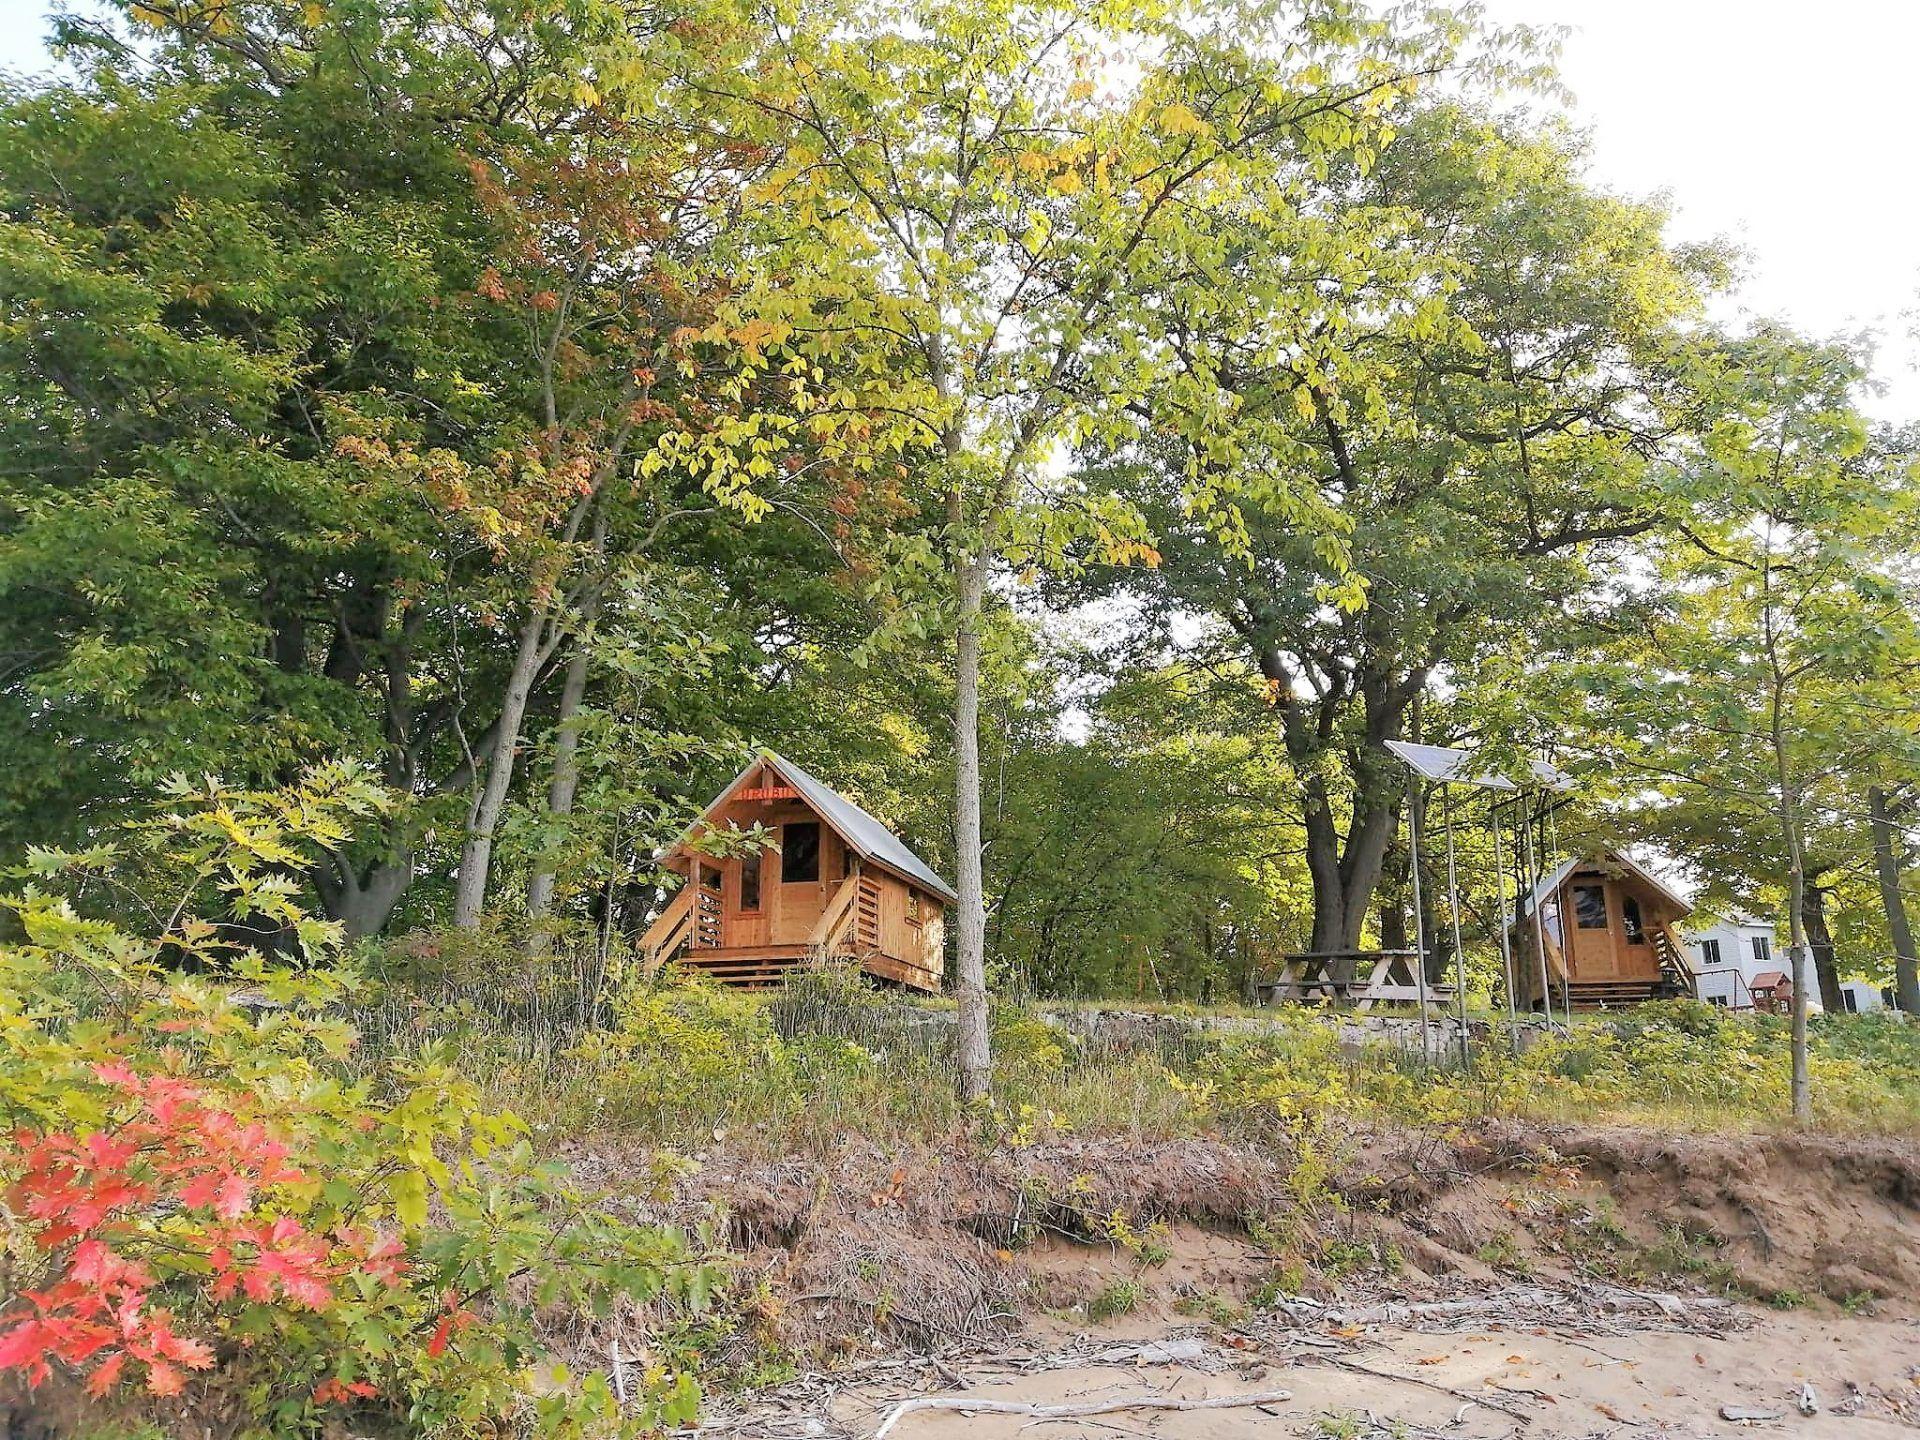 Paysage naturel autour des prêts à camper de Plein Air Ville Joie, un site de glamping situé en Mauricie